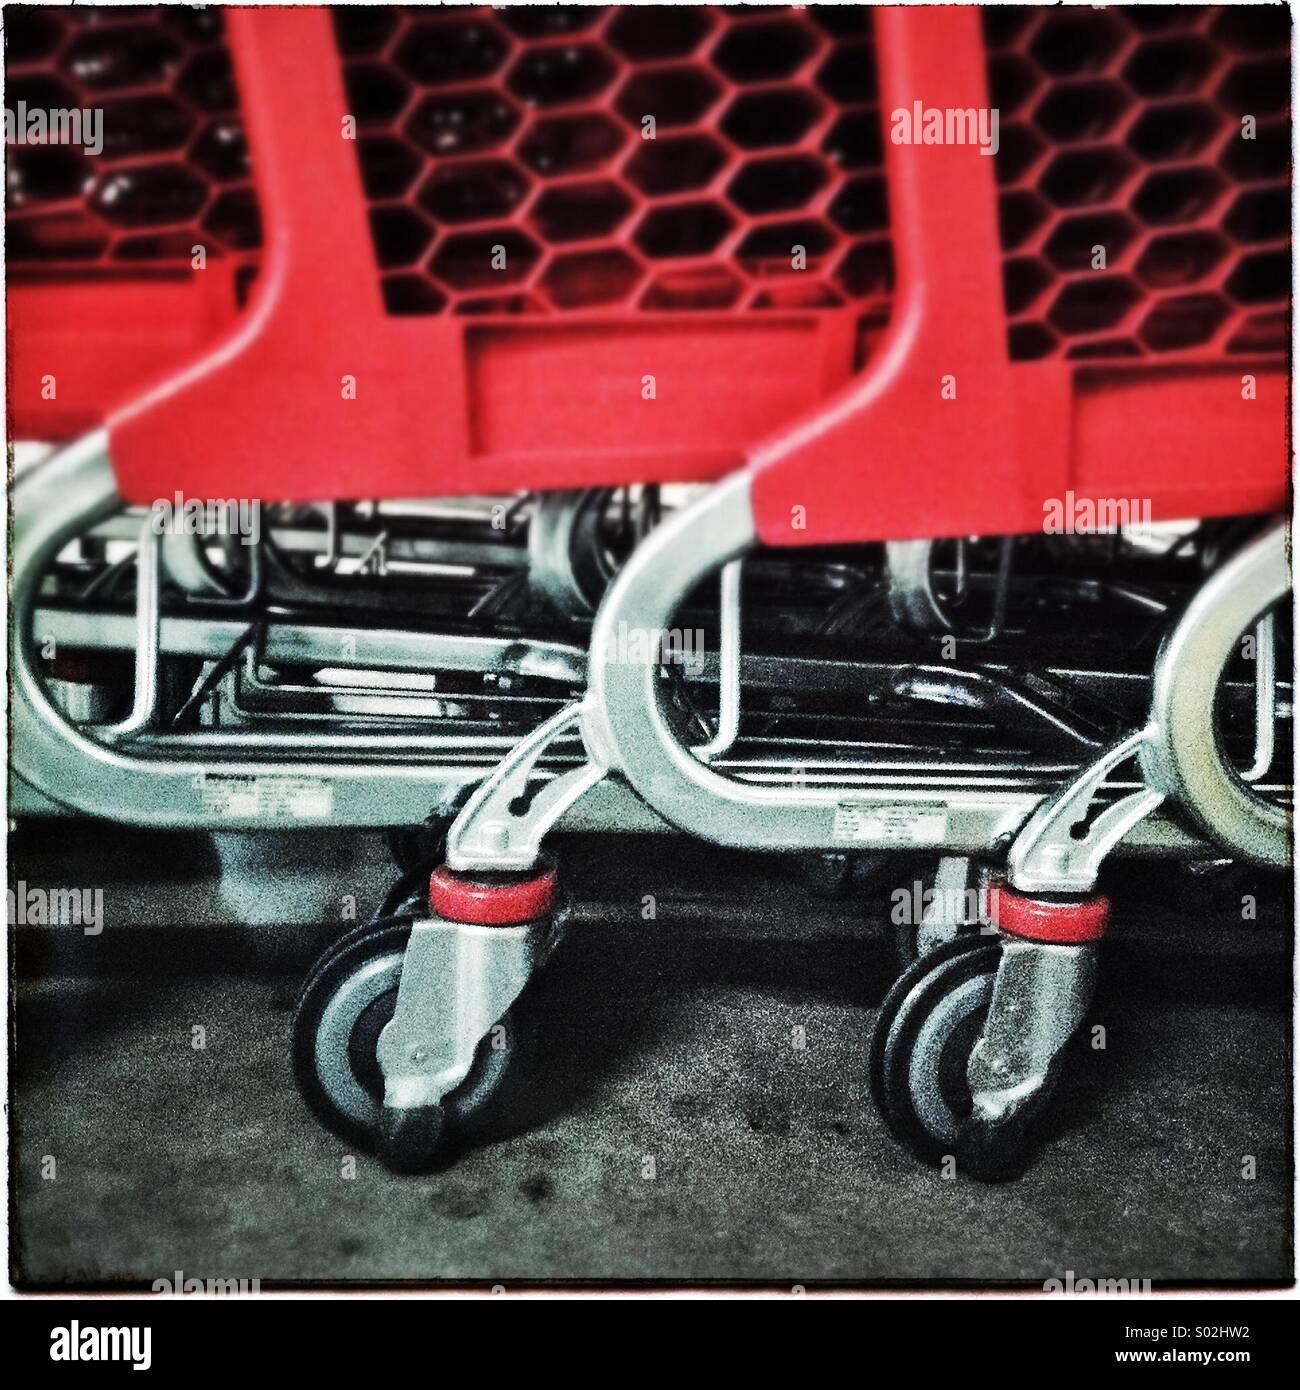 Supermarket shopping carts - Stock Image